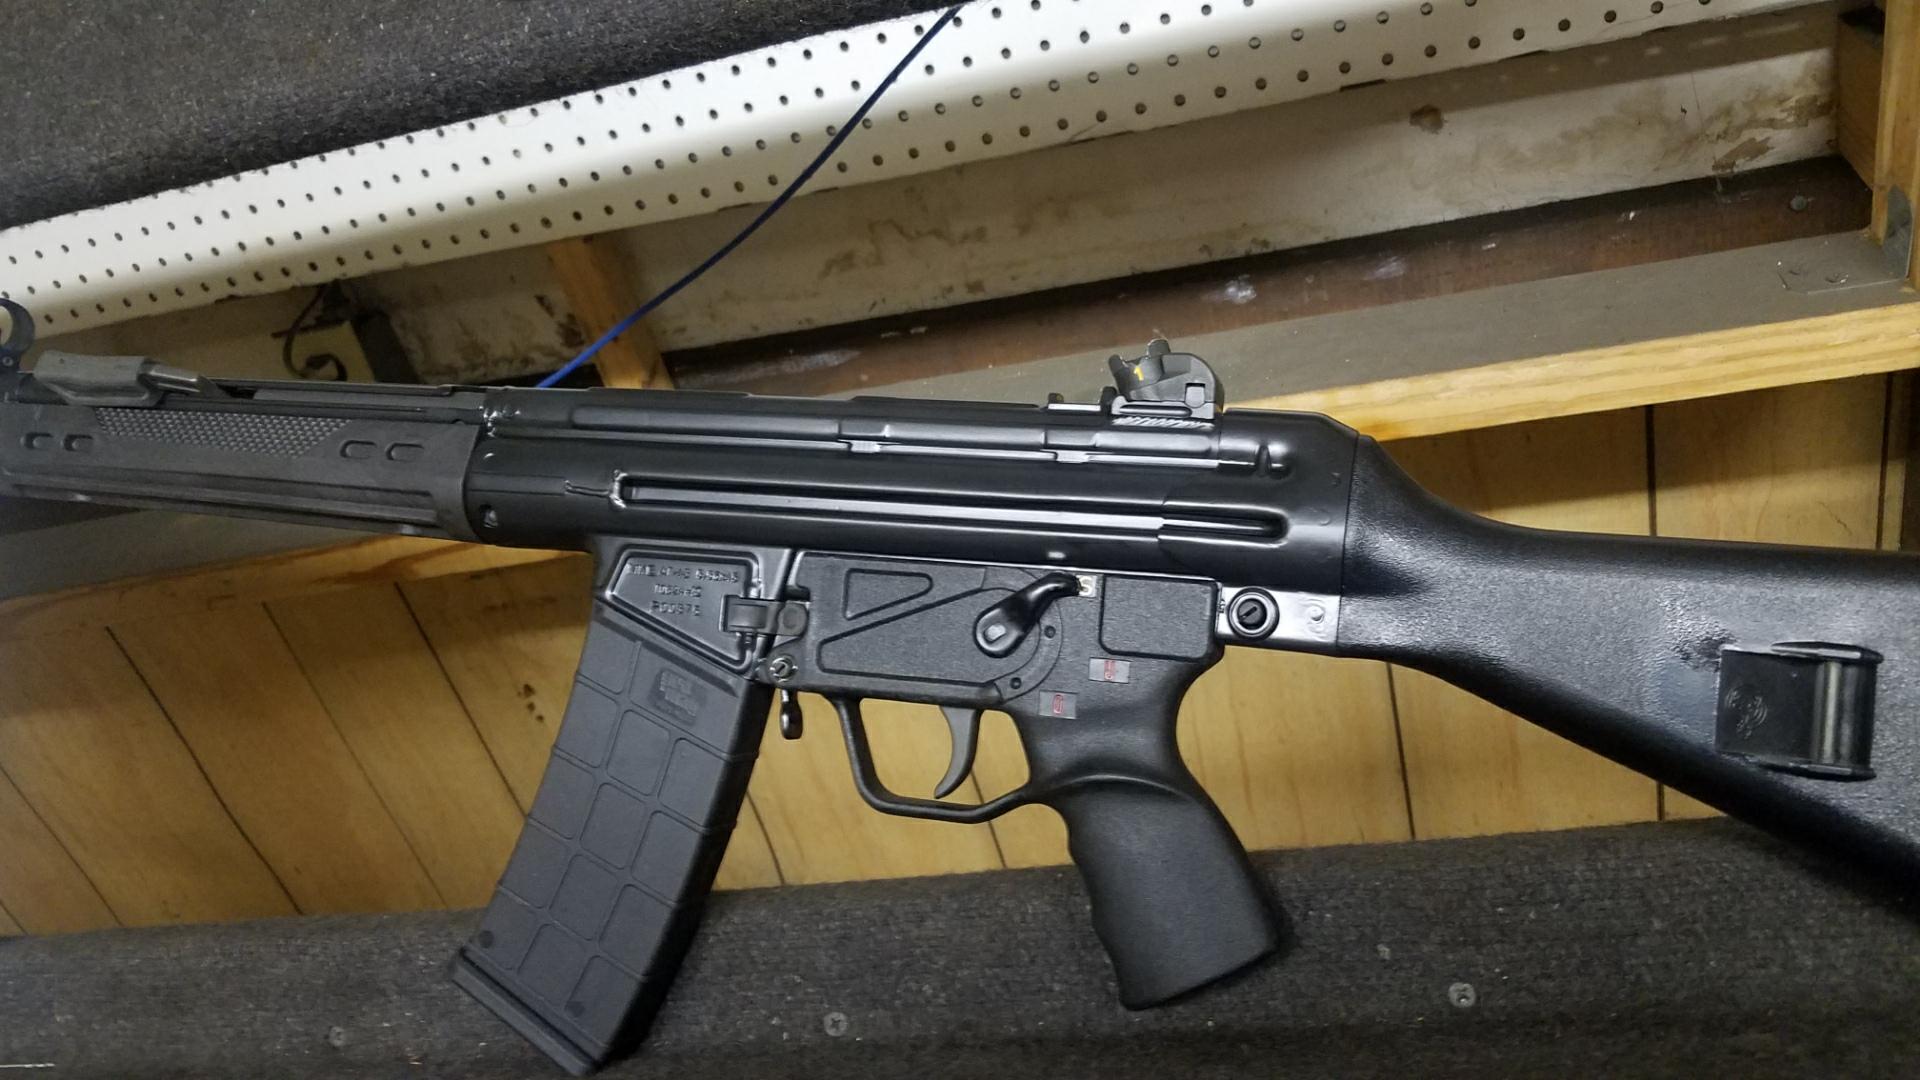 WTS: MKE43 carbine-7928713d-40cb-4d03-8c73-9172972d0dcd.jpeg